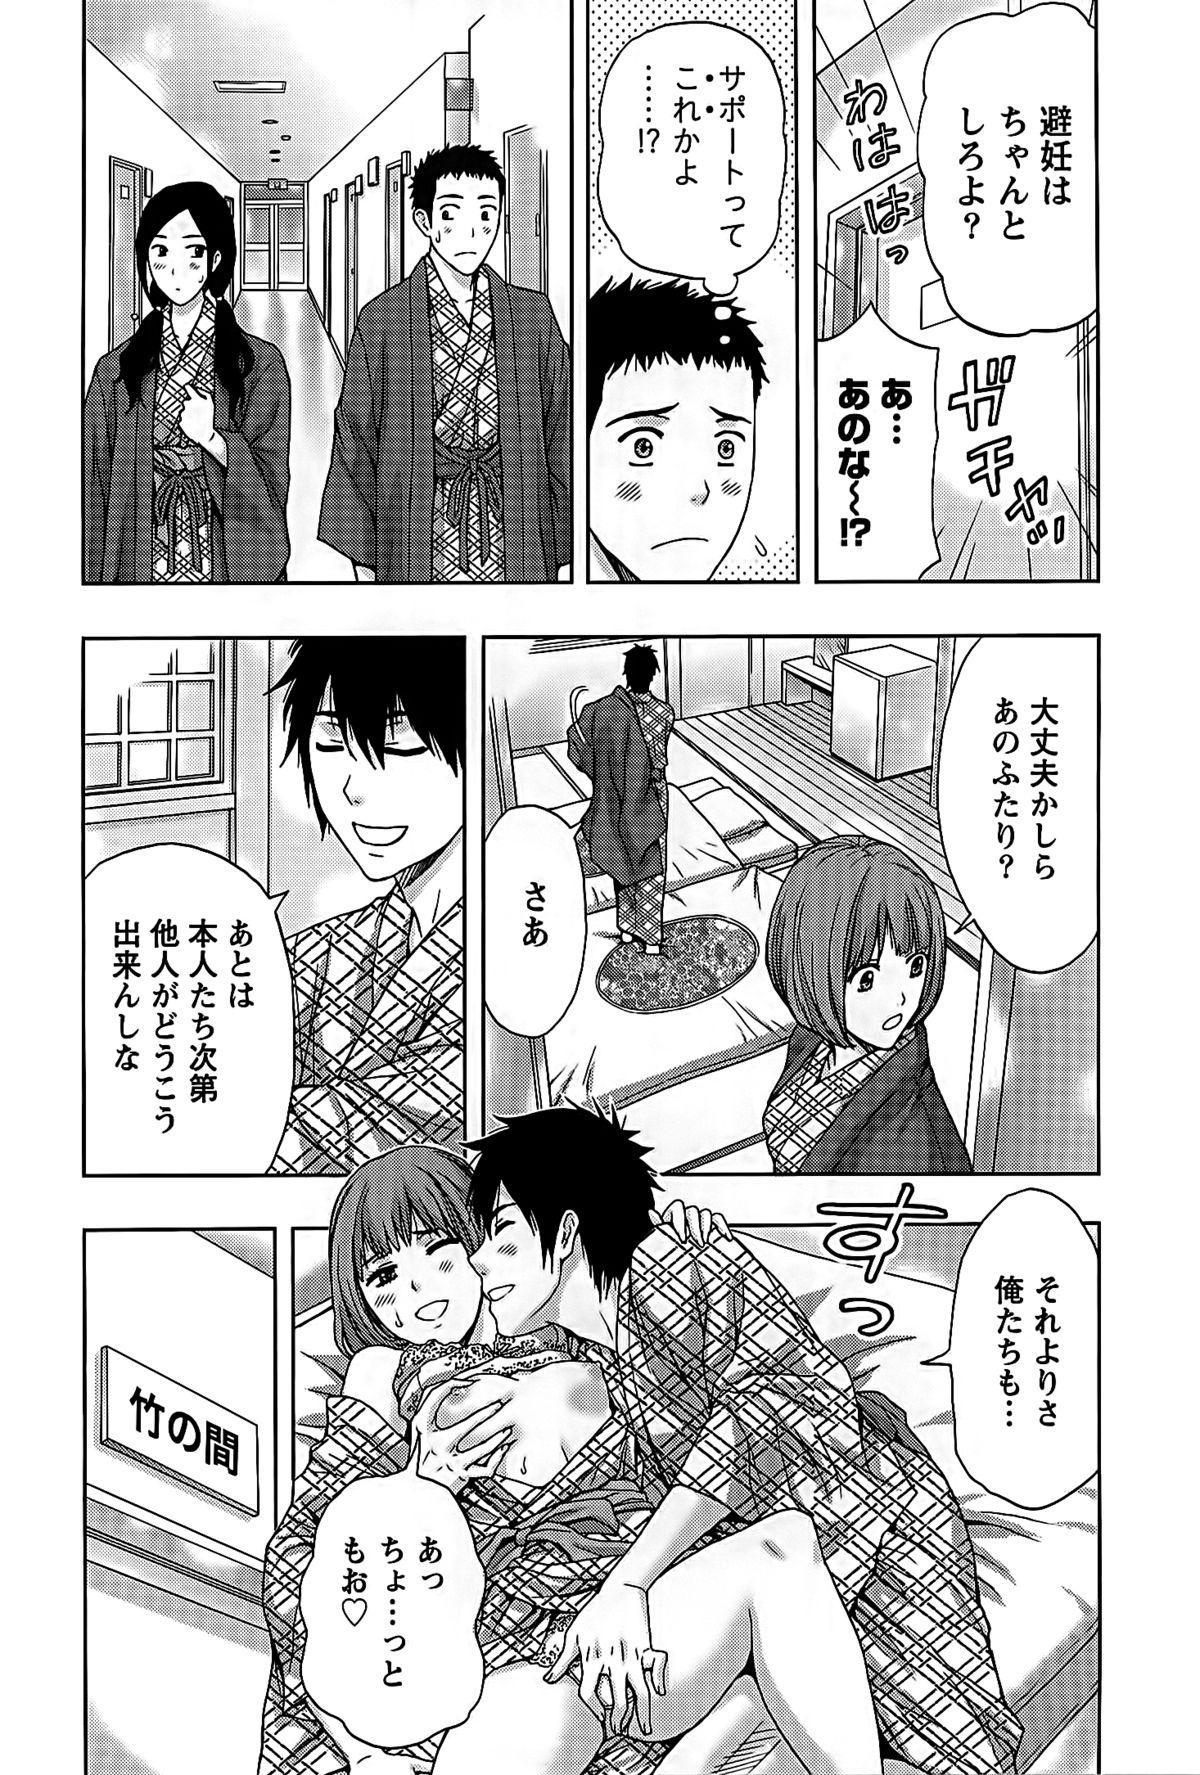 Shittori Lady to Amai Mitsu 156